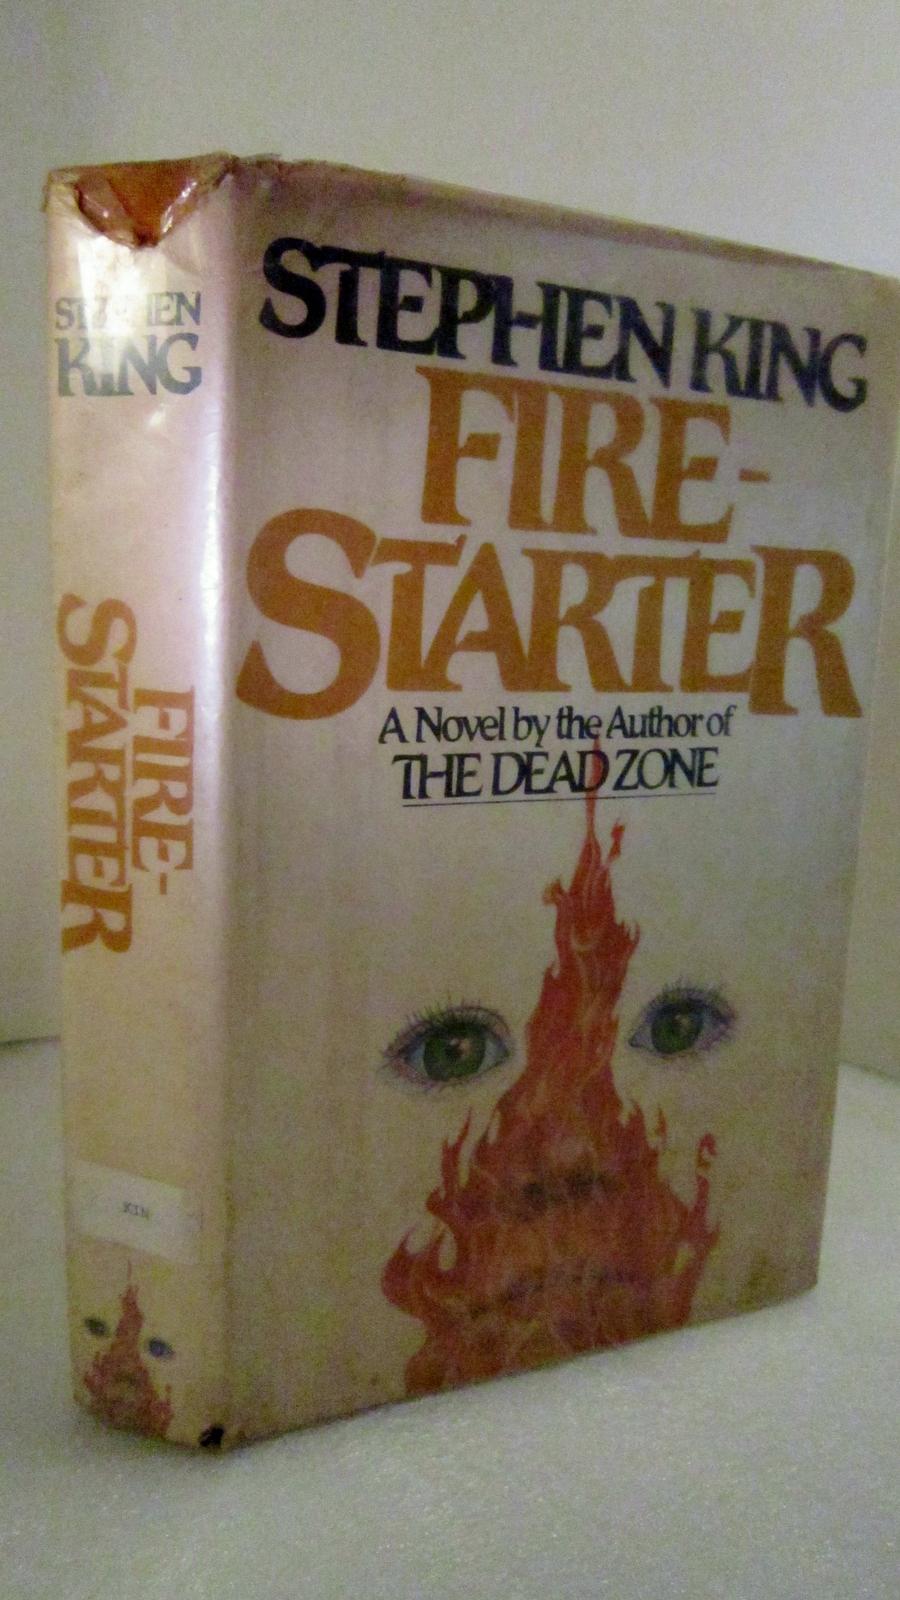 Fire starter 1980 stephen king 01